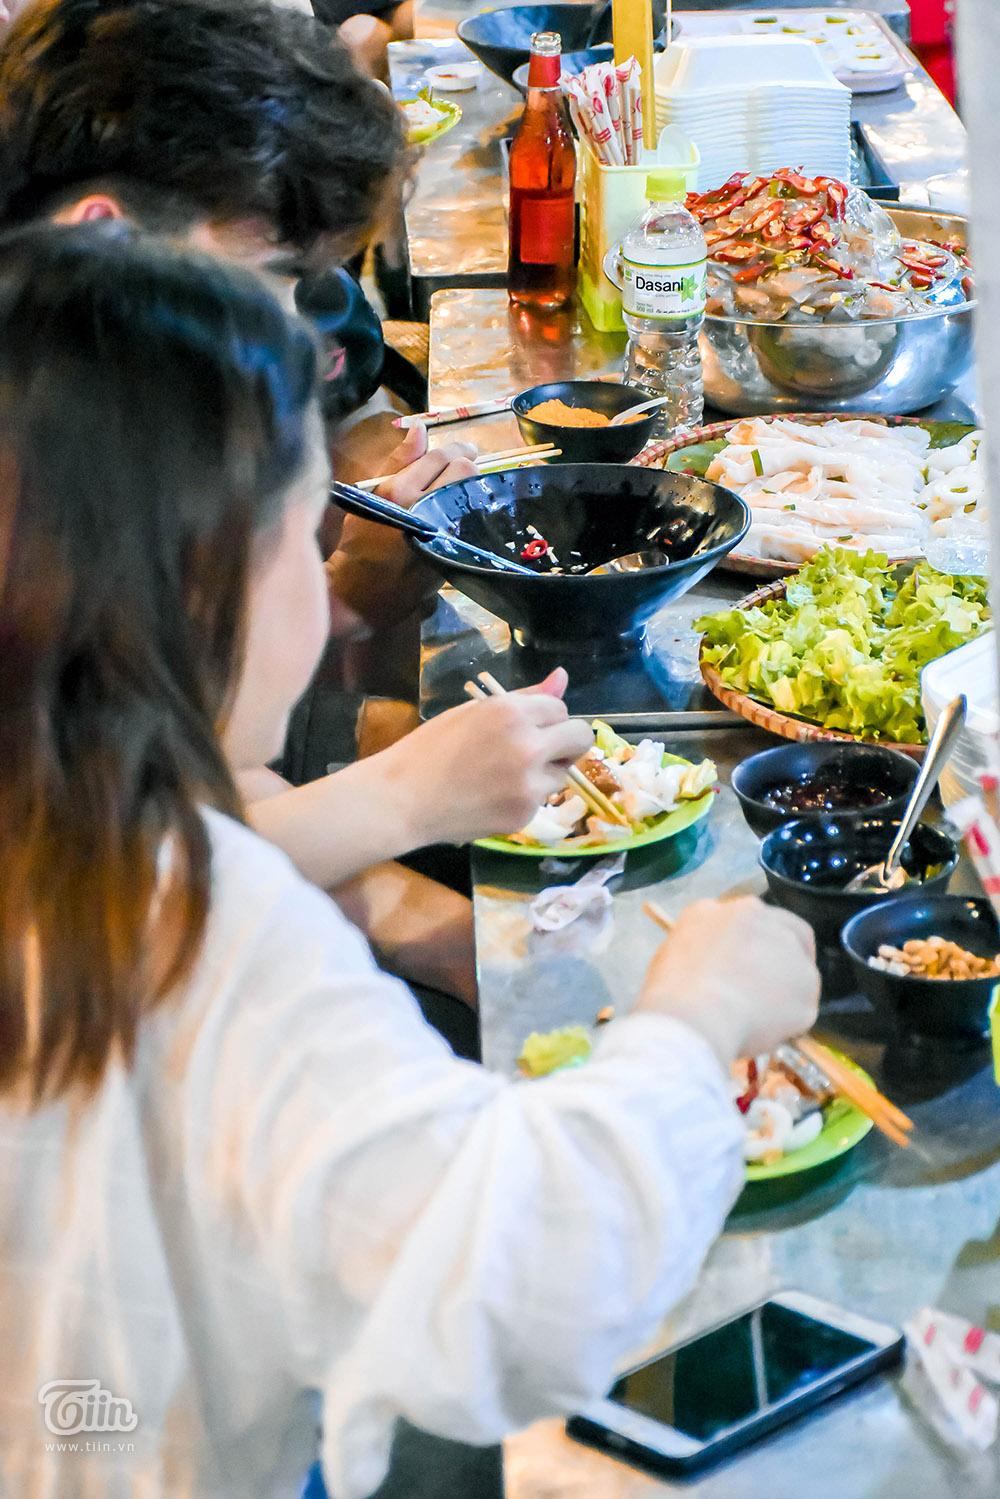 Mở cửa đón khách sau thời gian dài nghỉ dịch, chợ đêm Đà Nẵng khởi động nhộn nhịp mùa cao điểm du lịch 22